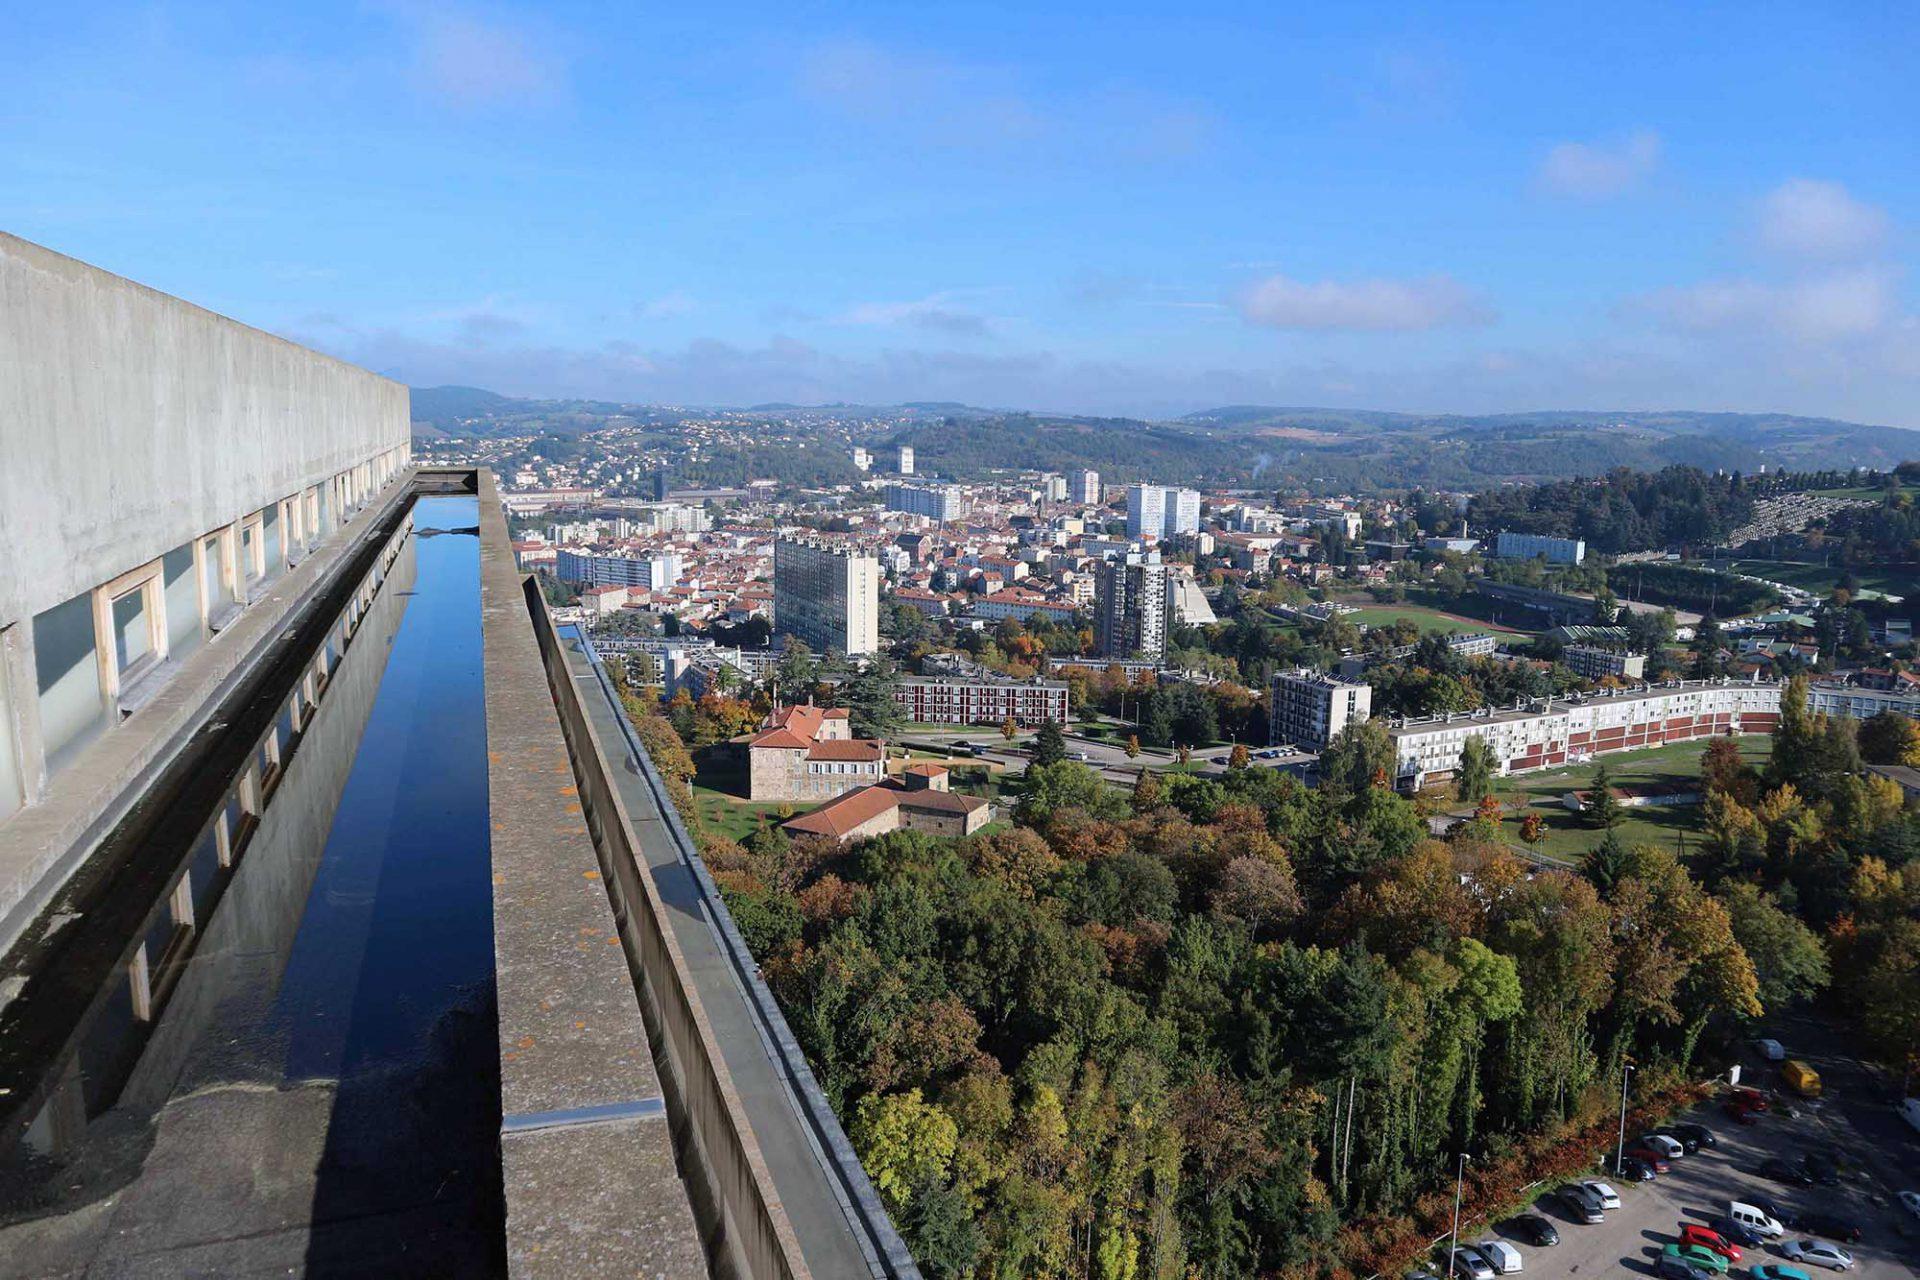 Weite. Der Blick vom Dach der Unité d'Habitation auf Firminy-Vert und Firminy. Der von der Moderne begeisterte Bürgermeister Eugène Claudius-Petit engagierte Le Corbusier mit einem Team von Architekten für den Bau von mehreren Projekten und die Stadtplanung von Firminy-Vert. Hier sollte das